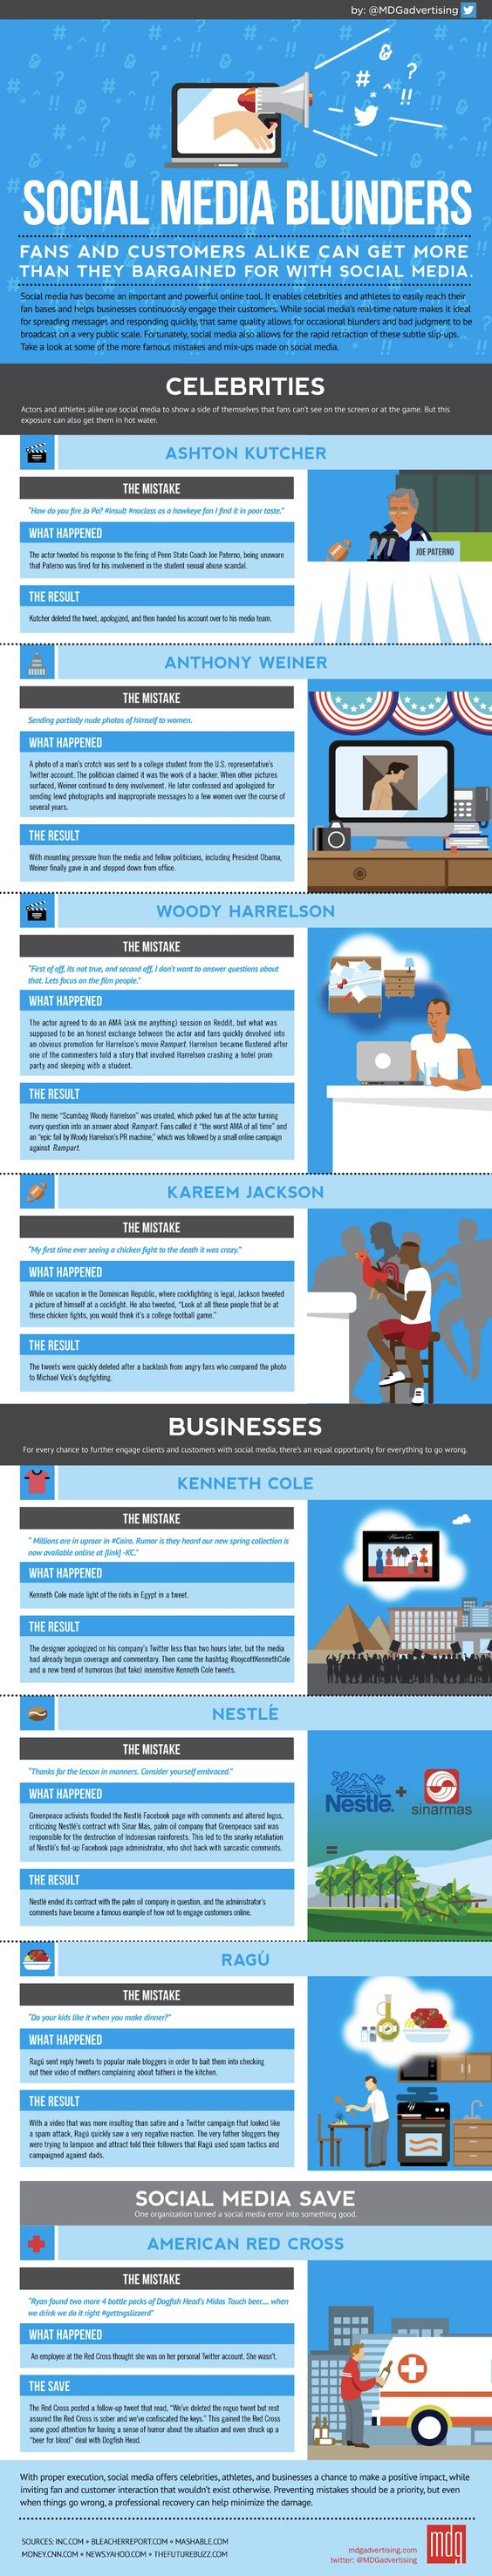 Auch mal nett: Diese Infografik zeigt uns, wie man es nicht machen sollte ;)